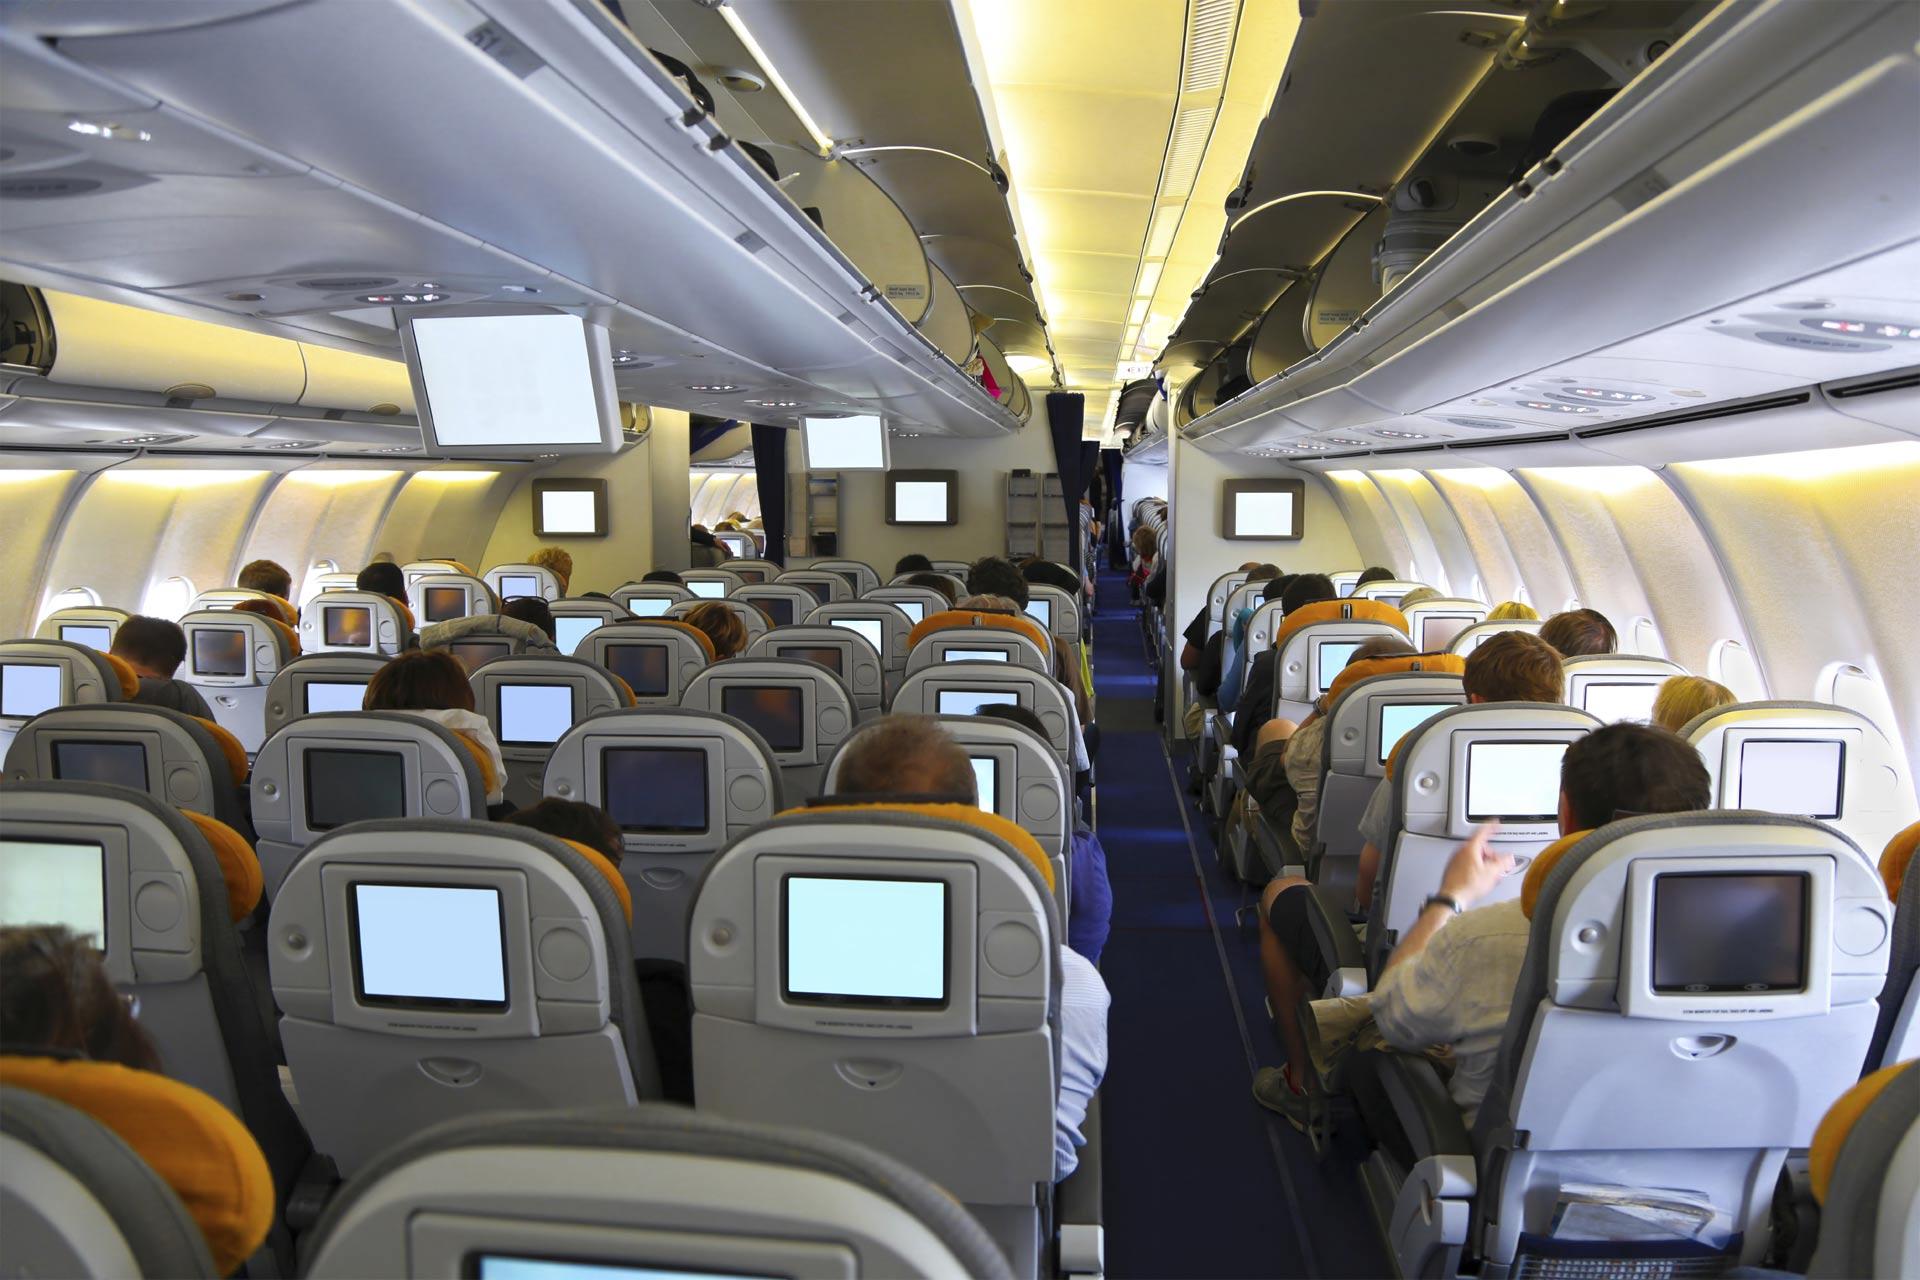 Escoge el asiento de avión más seguro cuando viajes